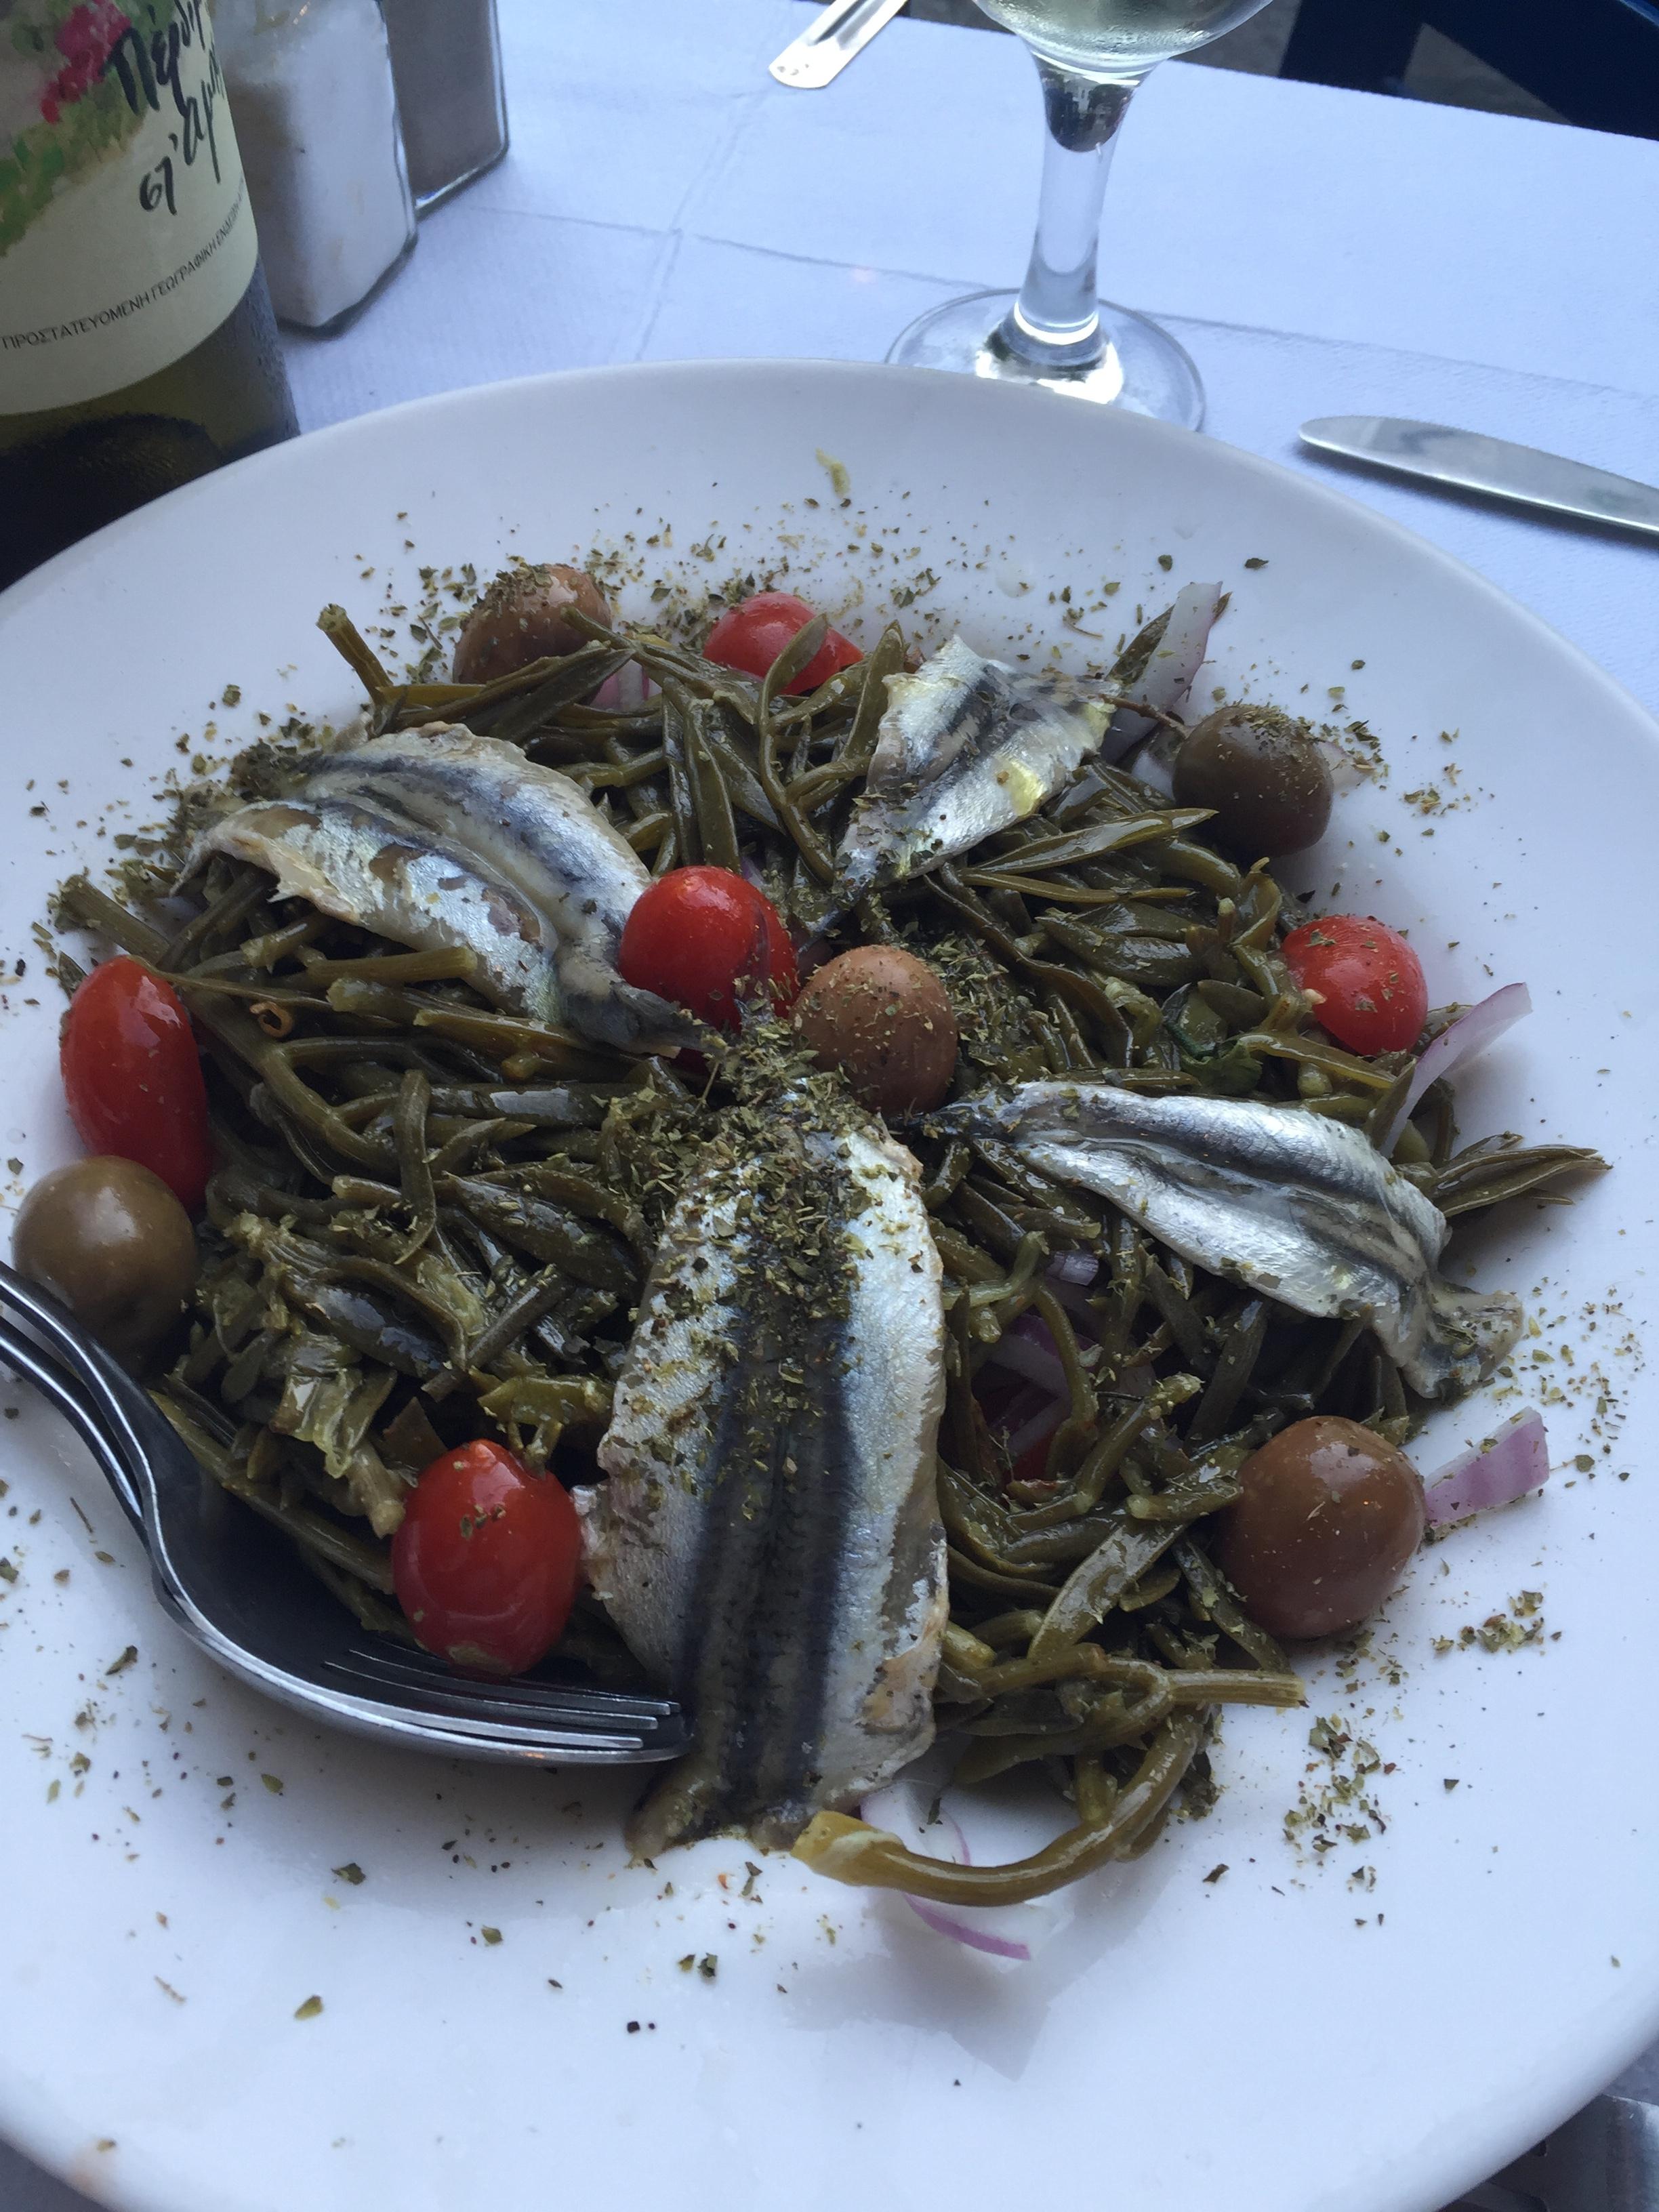 Sardines on seaweed